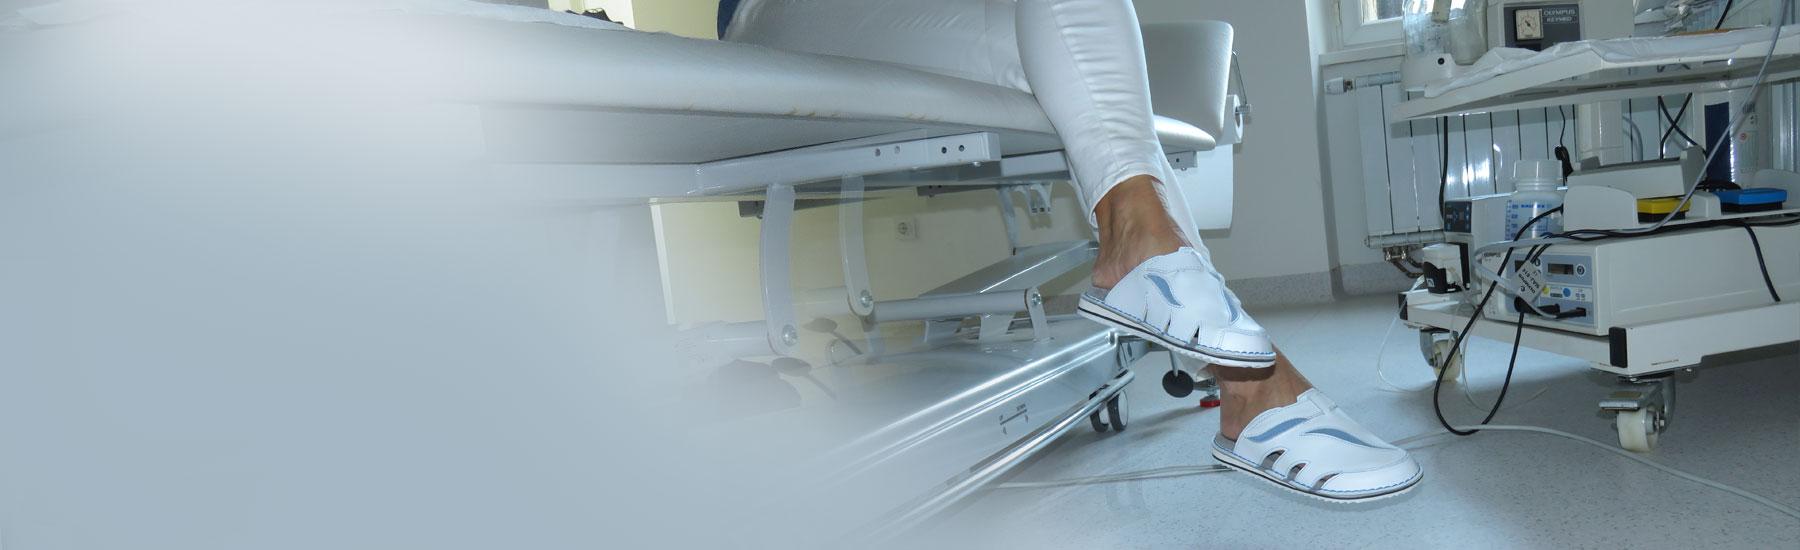 Medicinski natikači s certifikatom EN ISO 20347:2012 Primerni so za zaposlene v zdravstvu in kuhinjah.